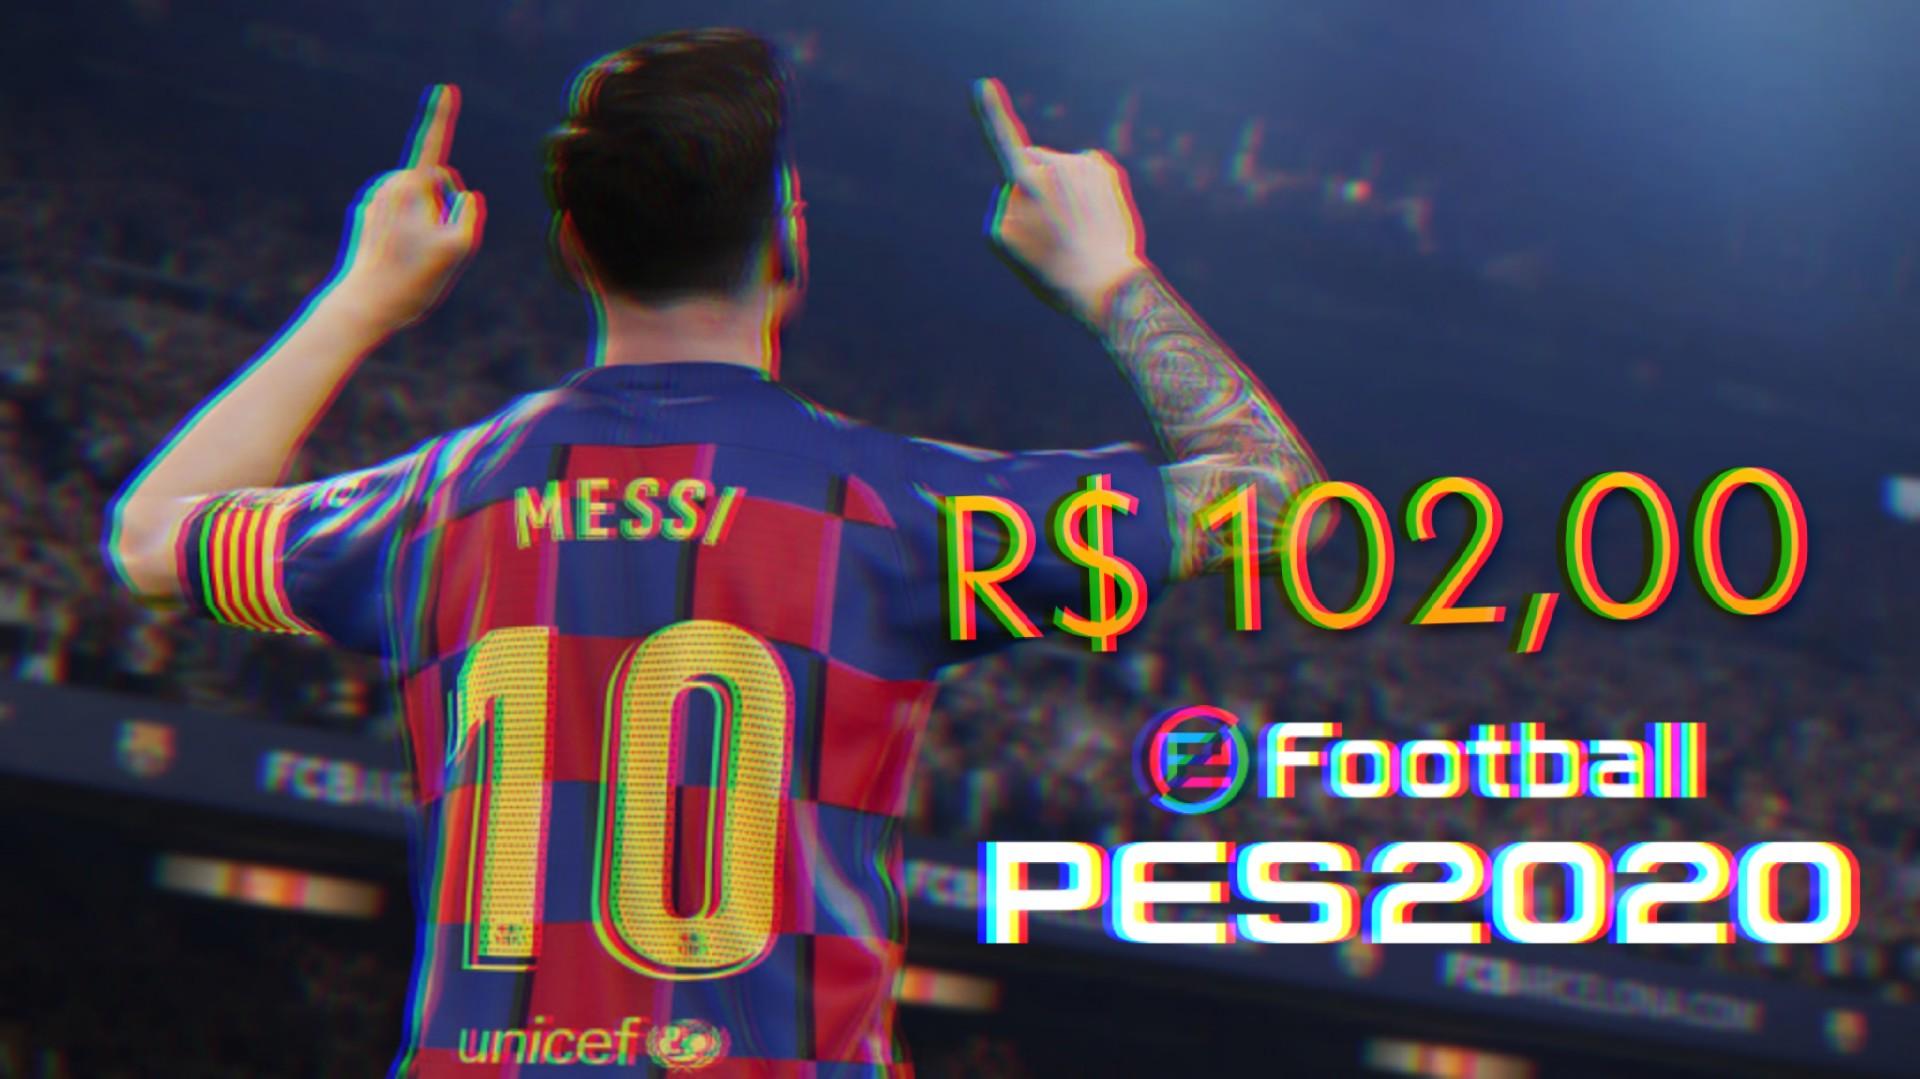 eFootball PES 2020 está por R$ 102,00 no PC, veja como aproveitar essa promoção!